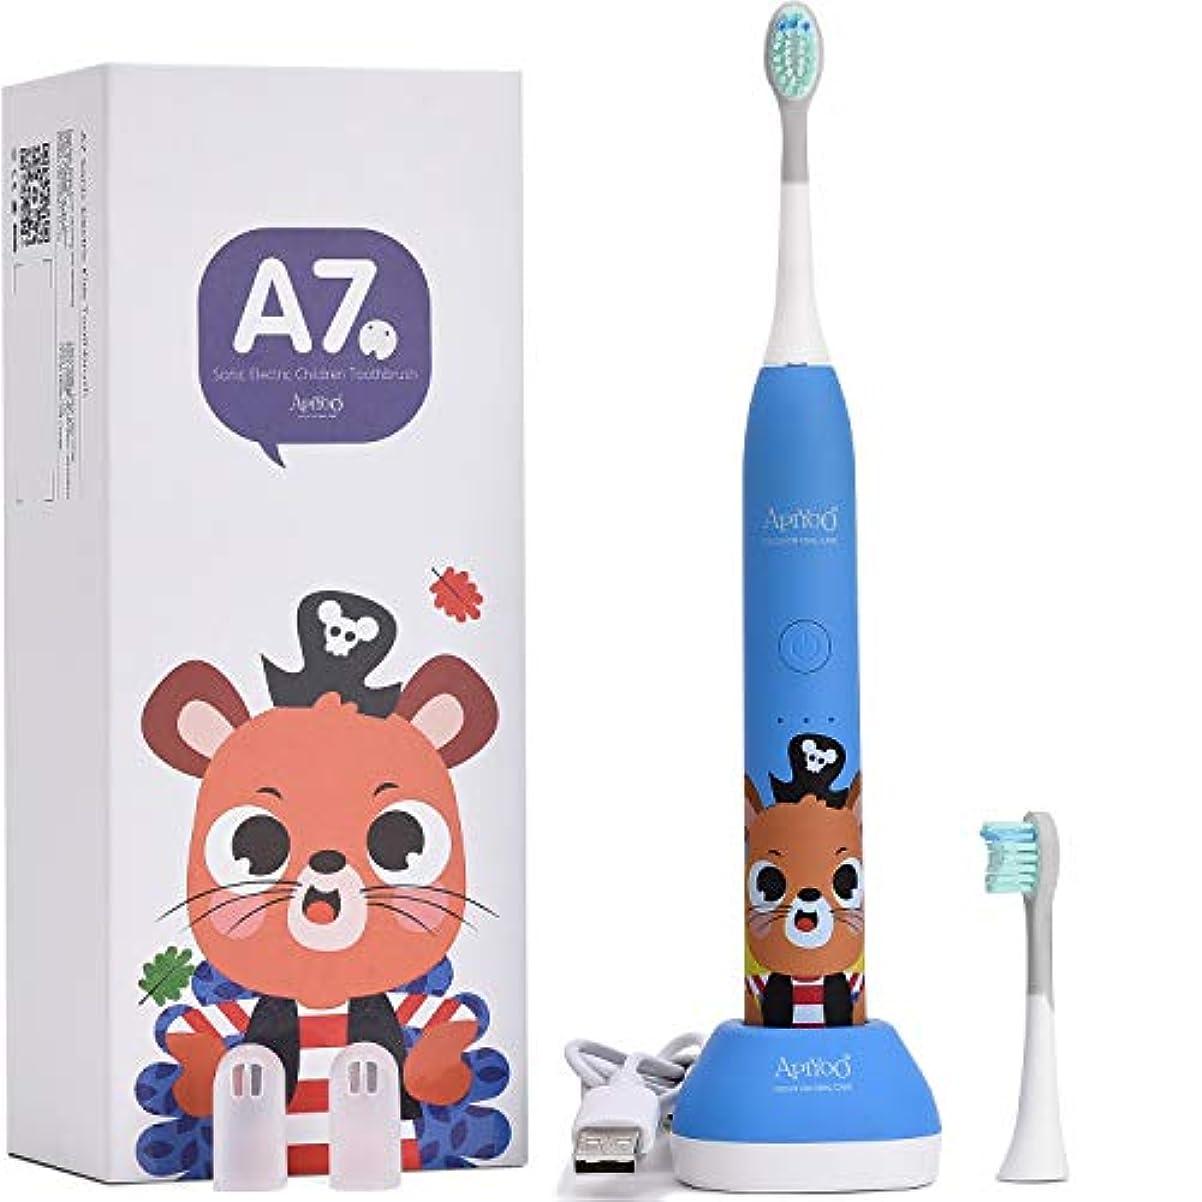 カビ移住する広告主子供用歯ブラシ、APIYOO A7ワイヤレス充電式電動歯ブラシ、IPX7防水、三種類ブラッシングモード、子供に対応の2分間スマートタイマー機能付き(ブルー)